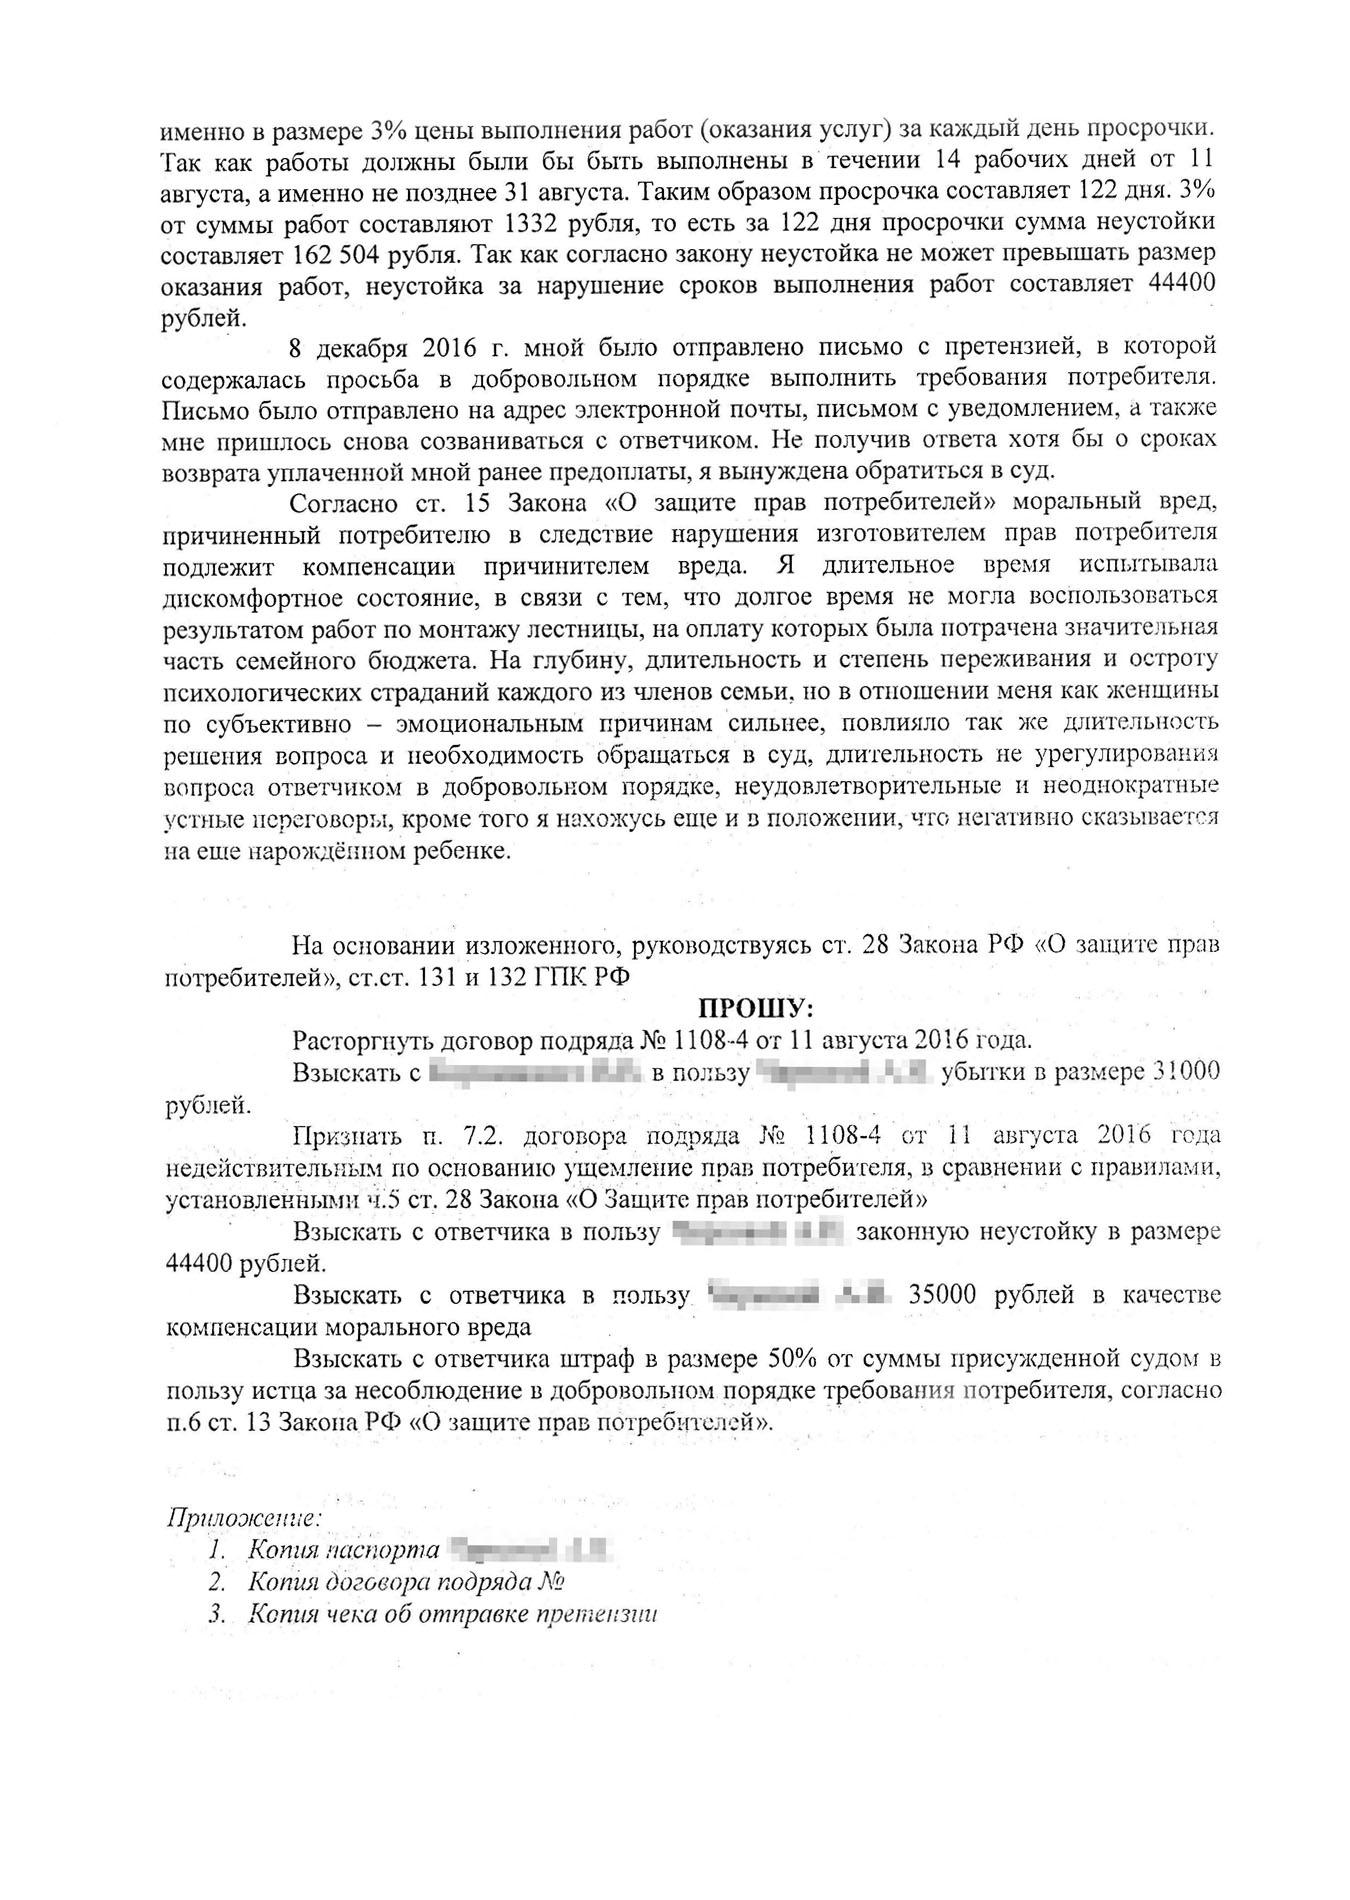 Исковое заявление о защите прав потребителей в деле по установке лестницы